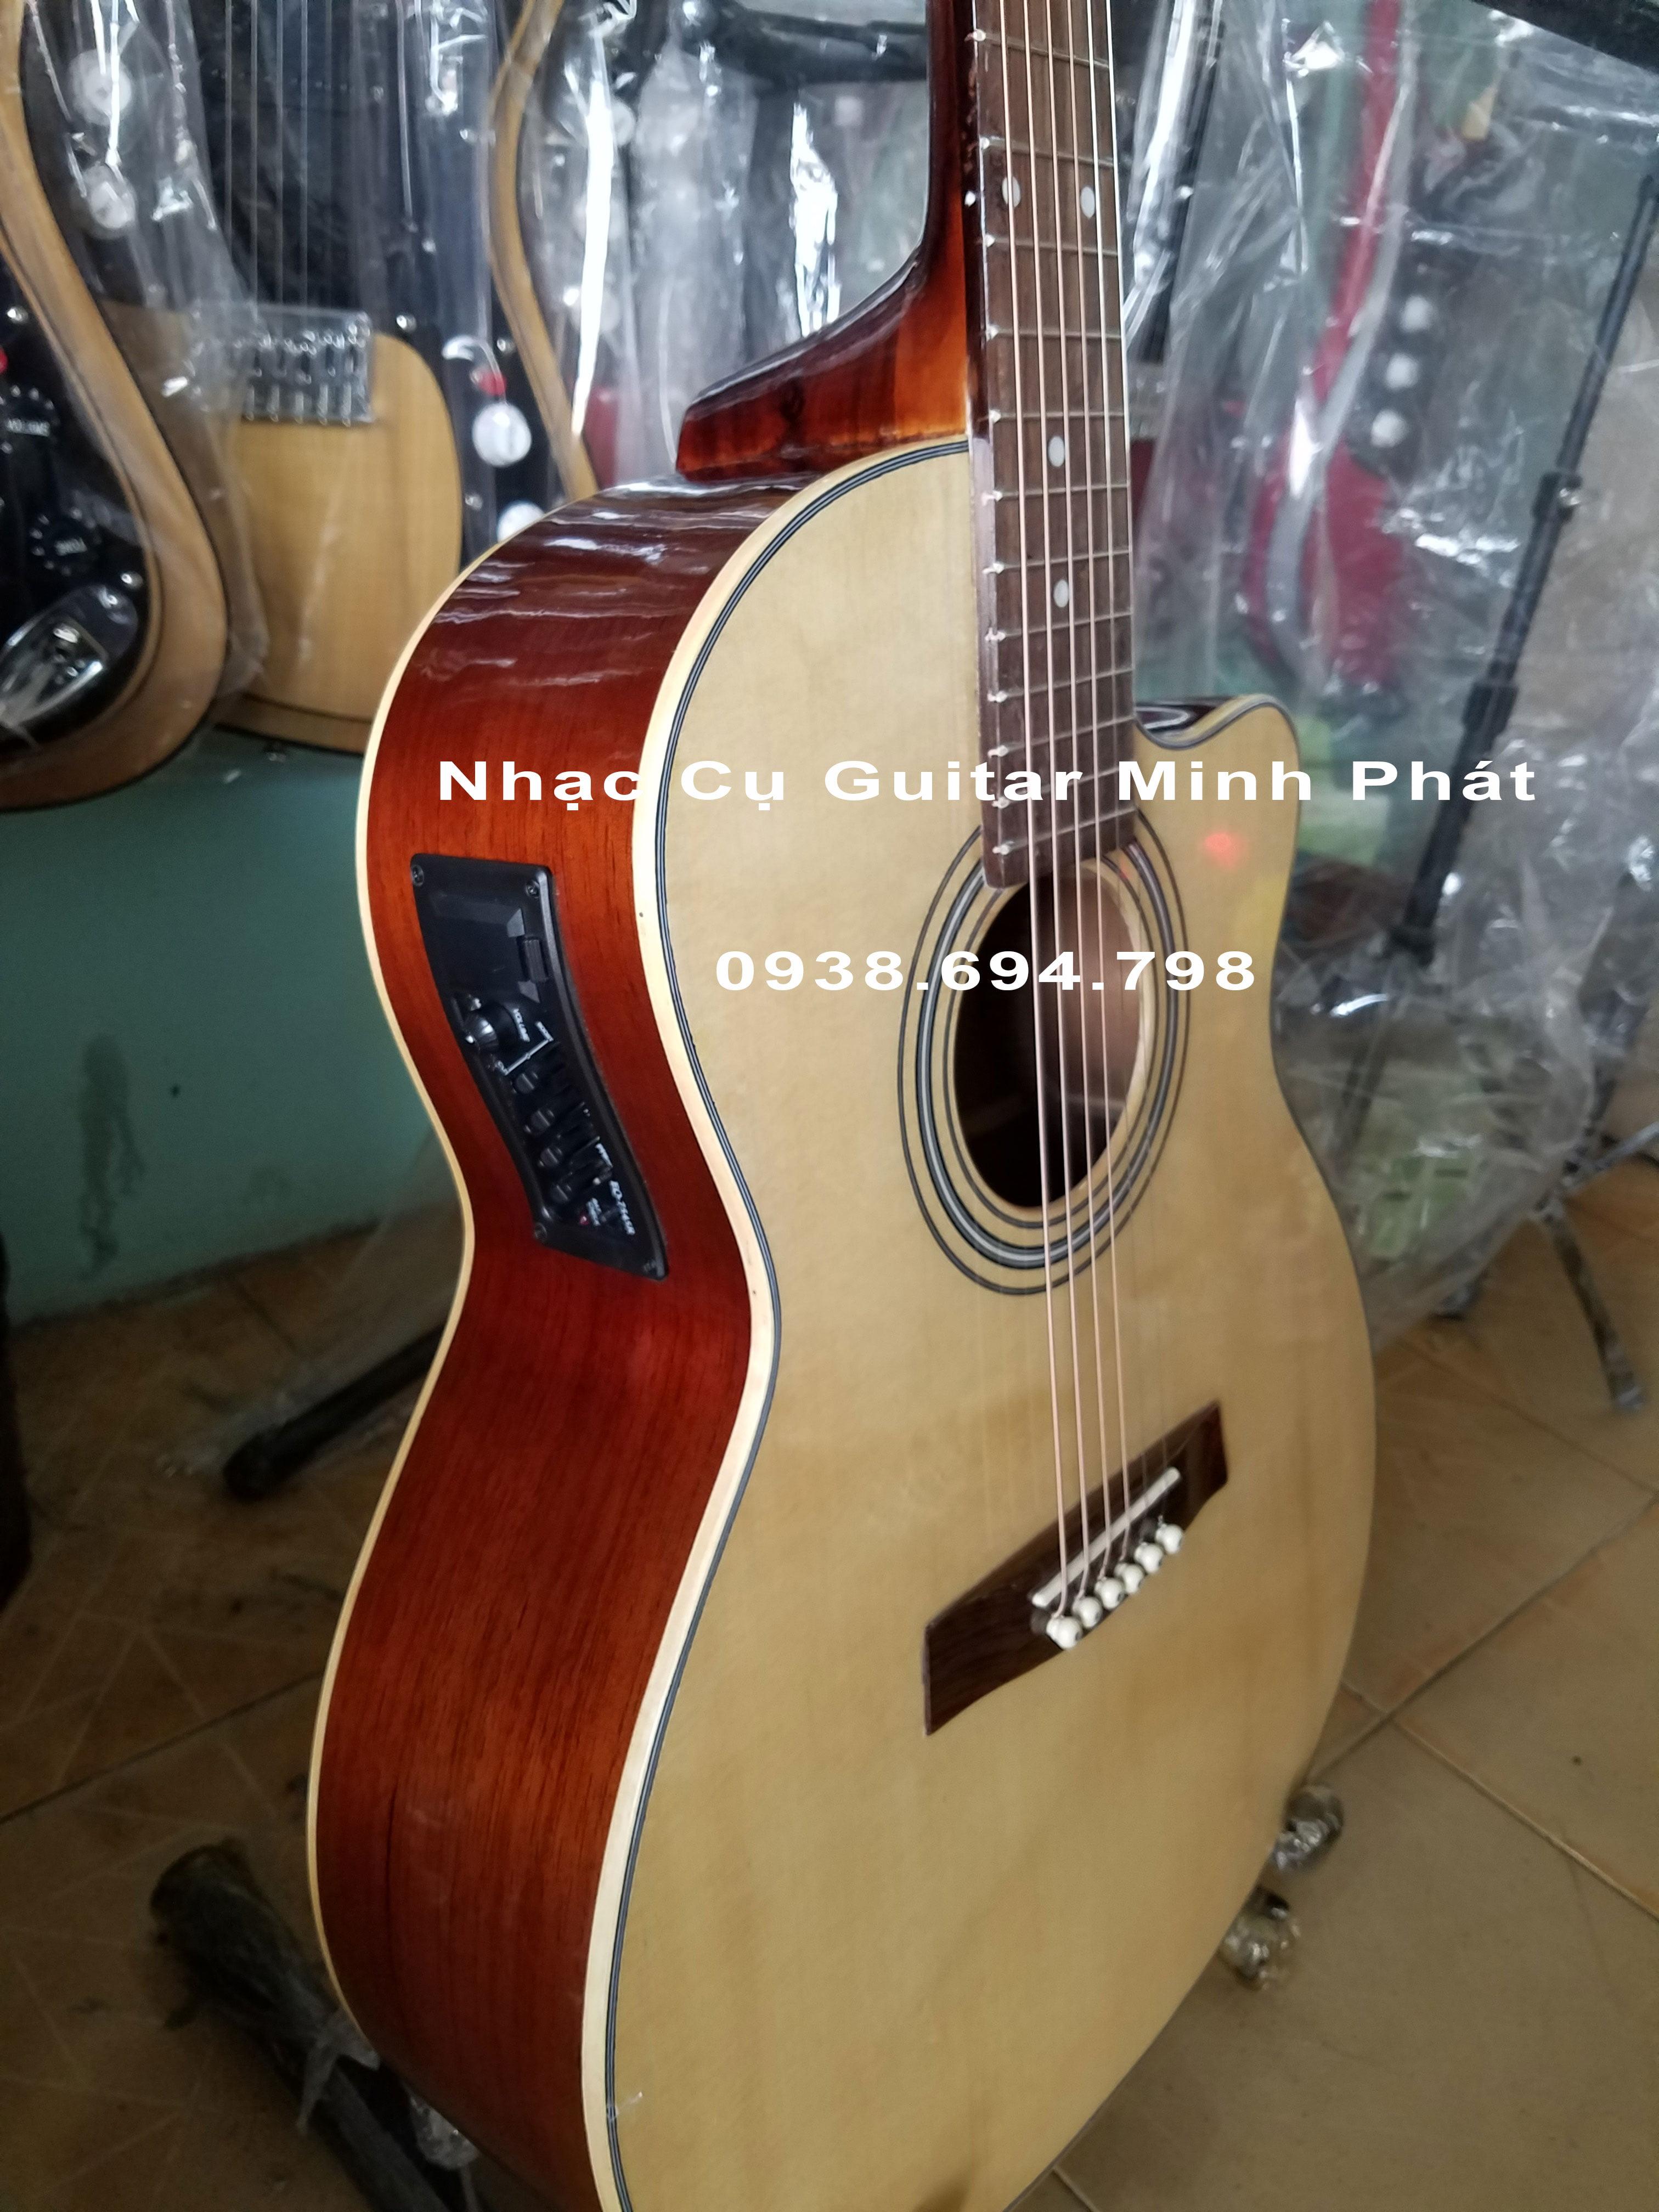 Bán đàn guitar giá rẻ quận bình tân bình chánh tân phú quận 6 chỉ 390k- guitarbinhtan.com - 7